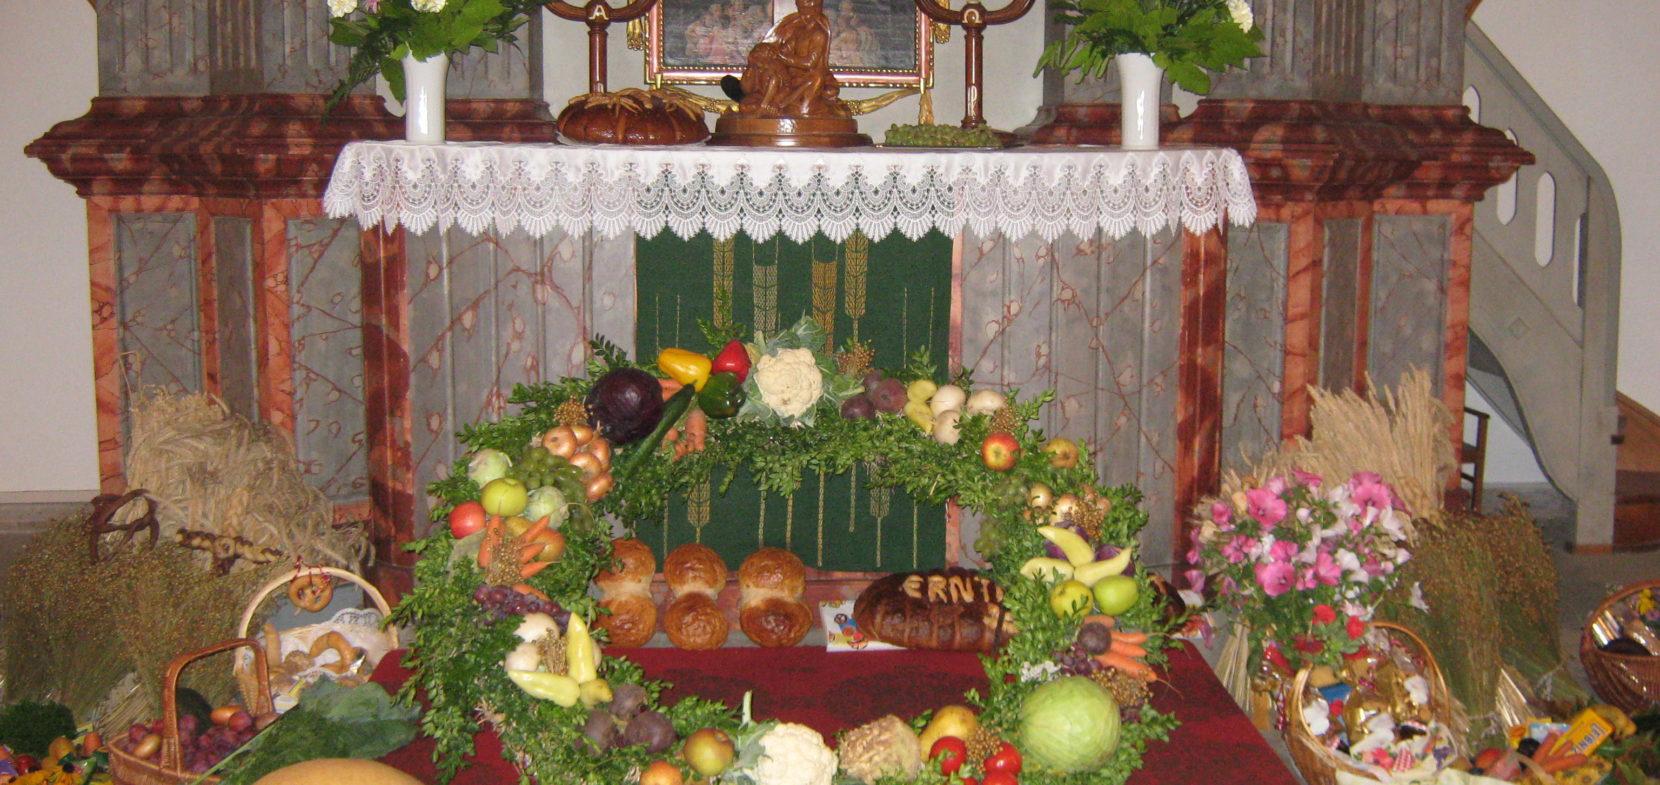 Erntedankfest-Kirchen-Besichtigungstour